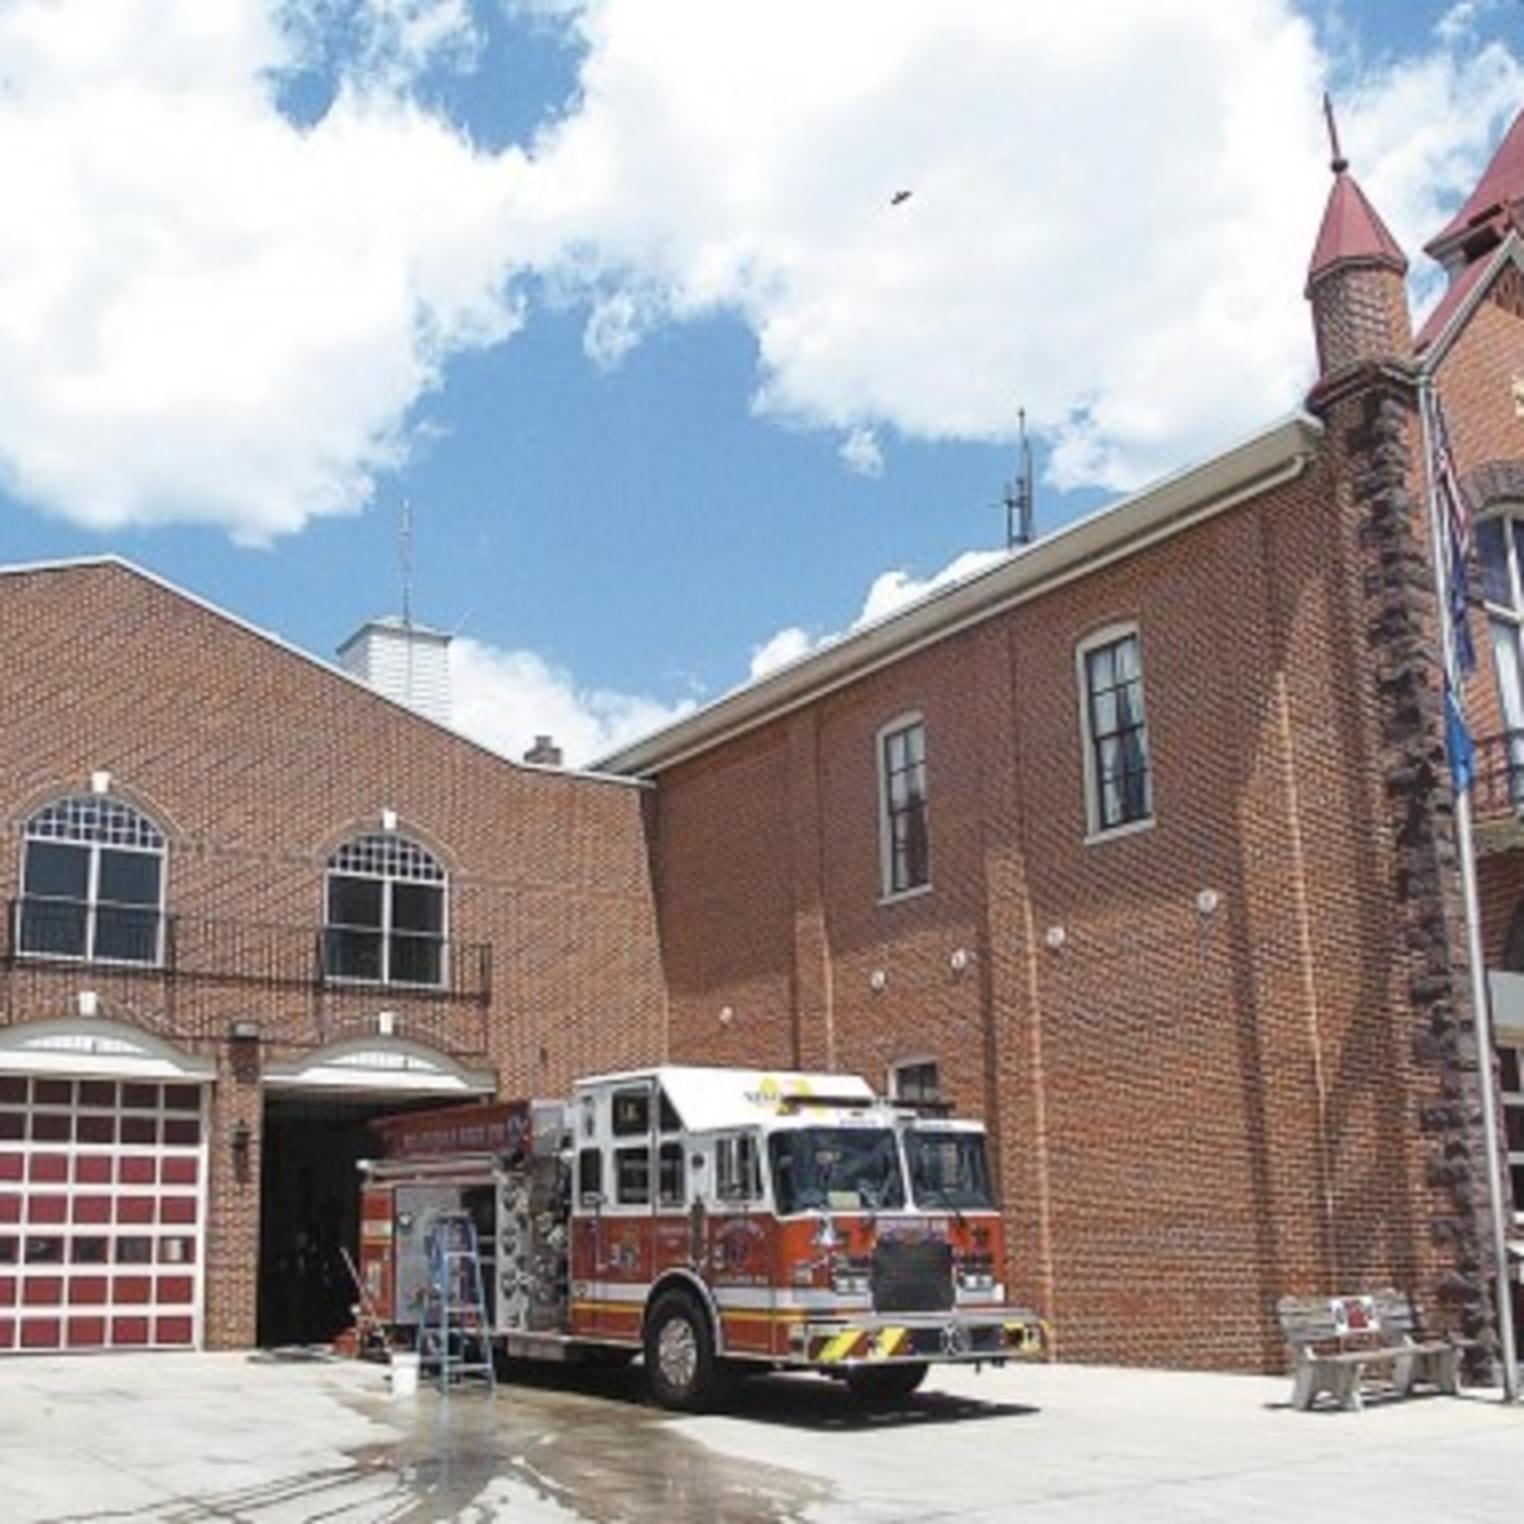 Union Fire Company No. 1